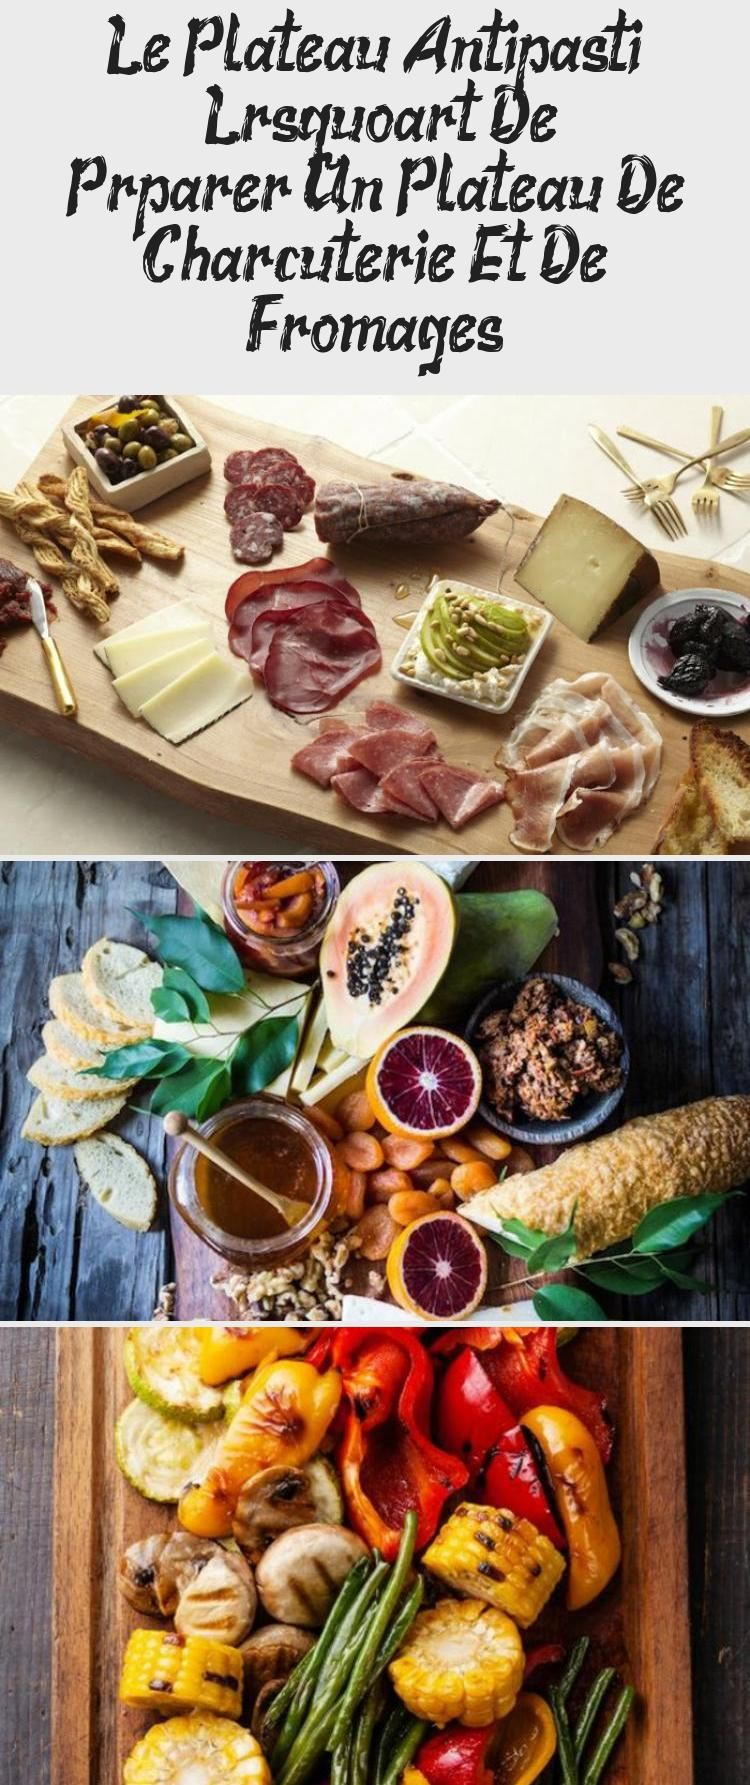 comment préparer un plateau de charcuterie et de fromages